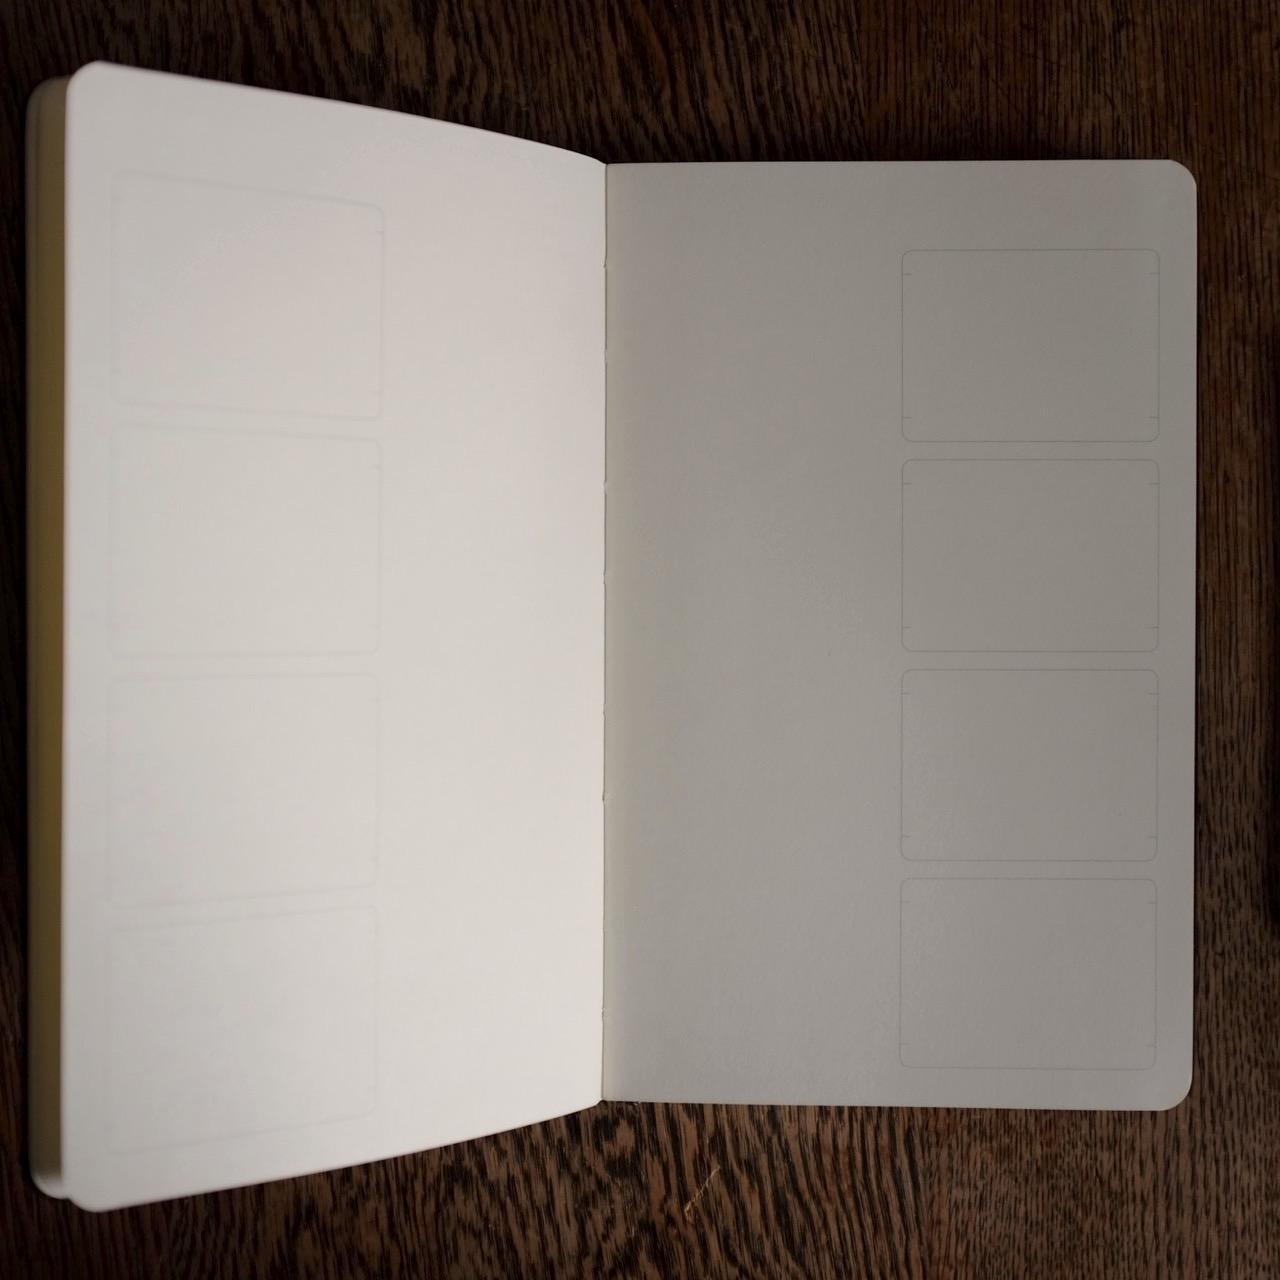 Storyboard Moleskine Notebook DSCF5225.jpg